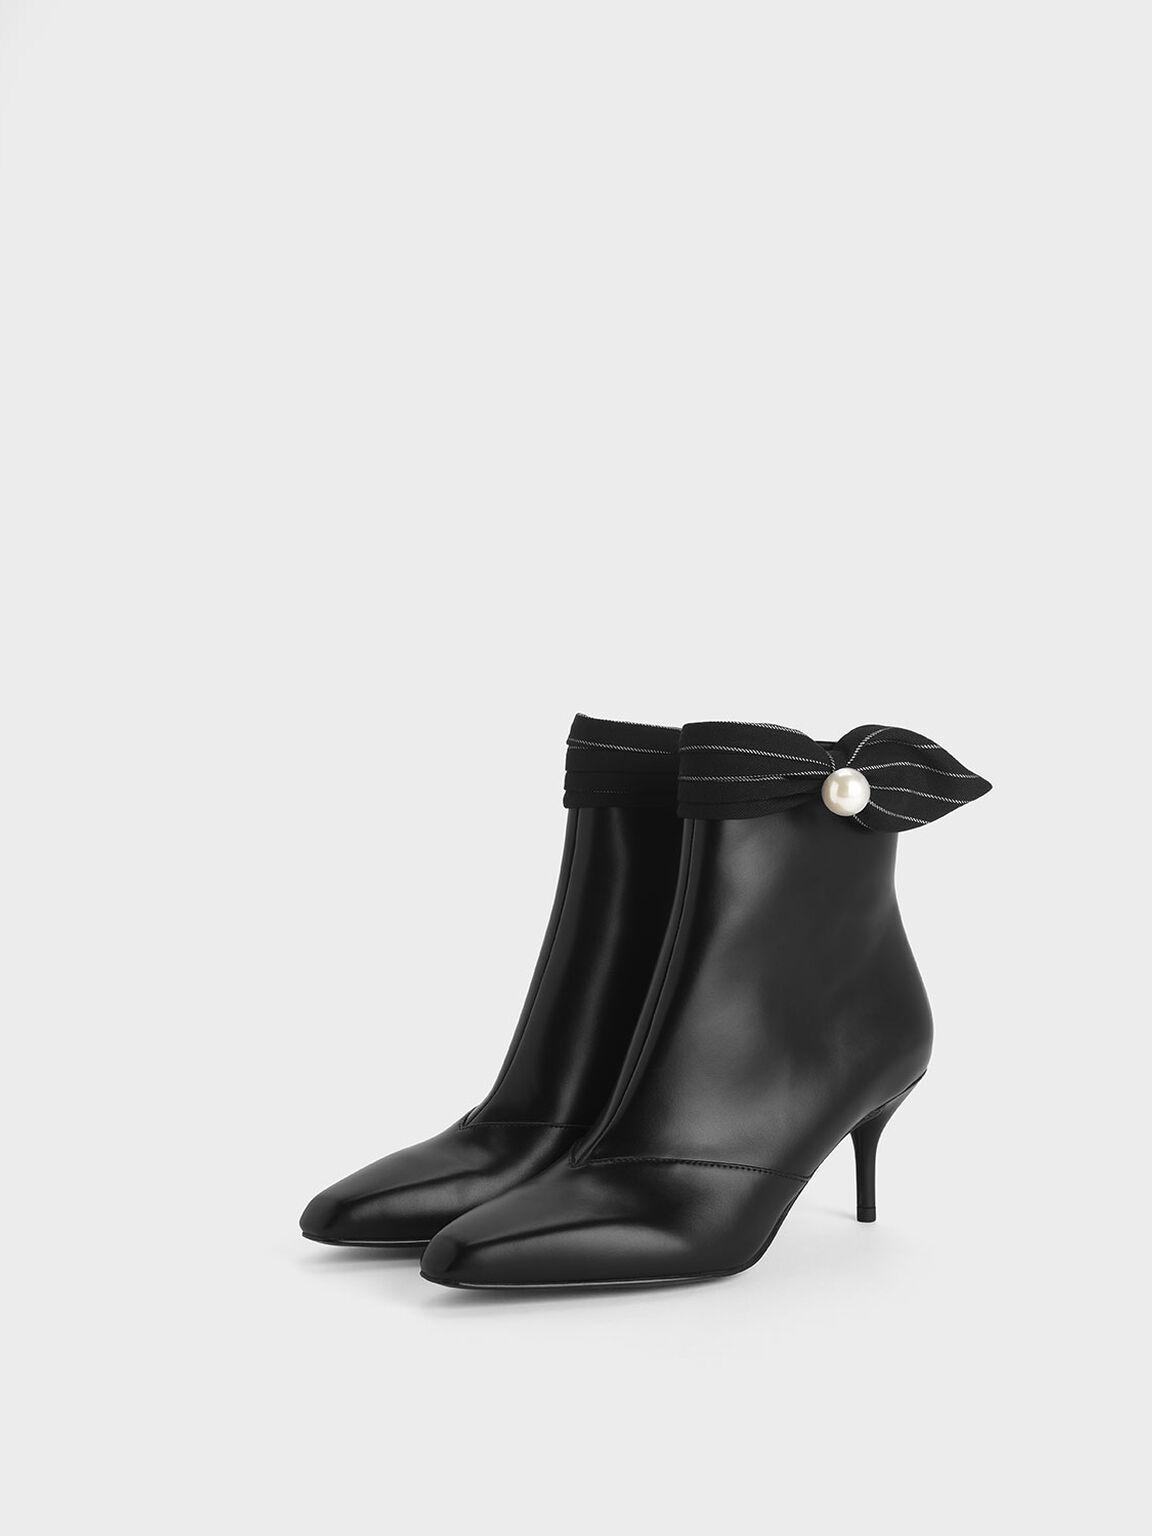 Pinstripe Ruched Embellished Ankle Boots, Black, hi-res